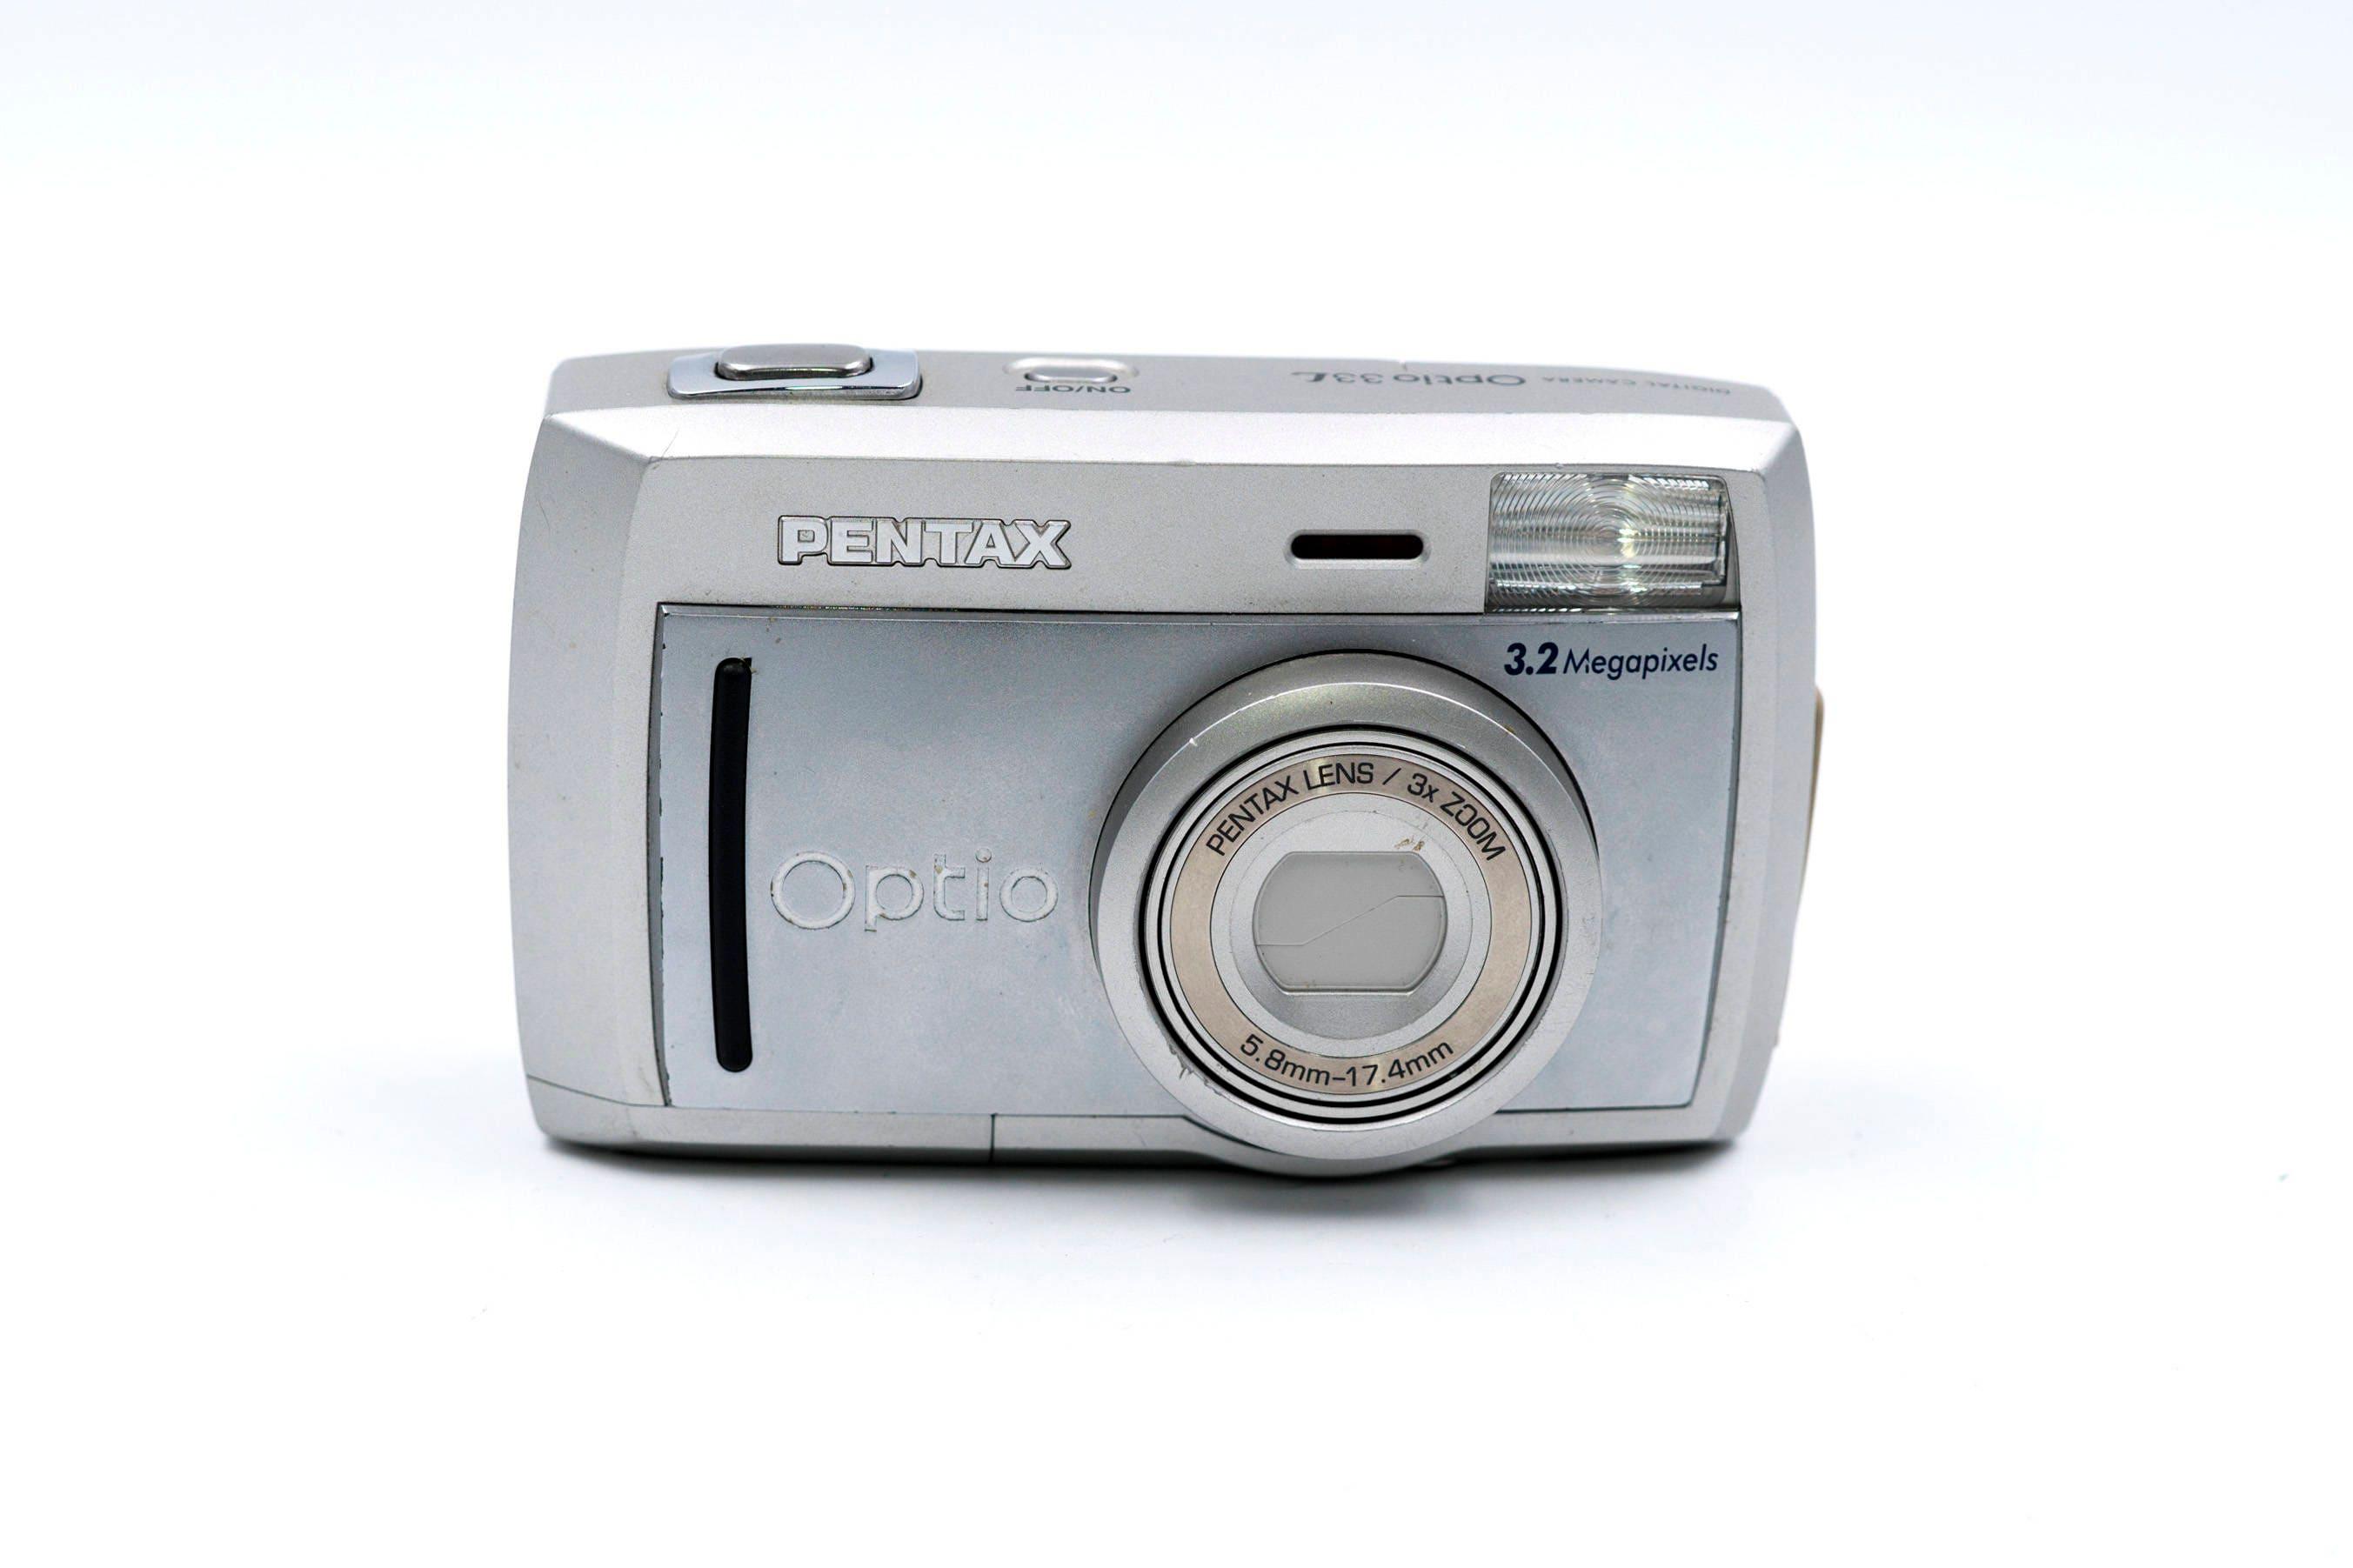 pentax optio 33l digital camera excellent condition rh vintagecamerastore us Pentax Optio S1 Pentax Optio E10 Drivers